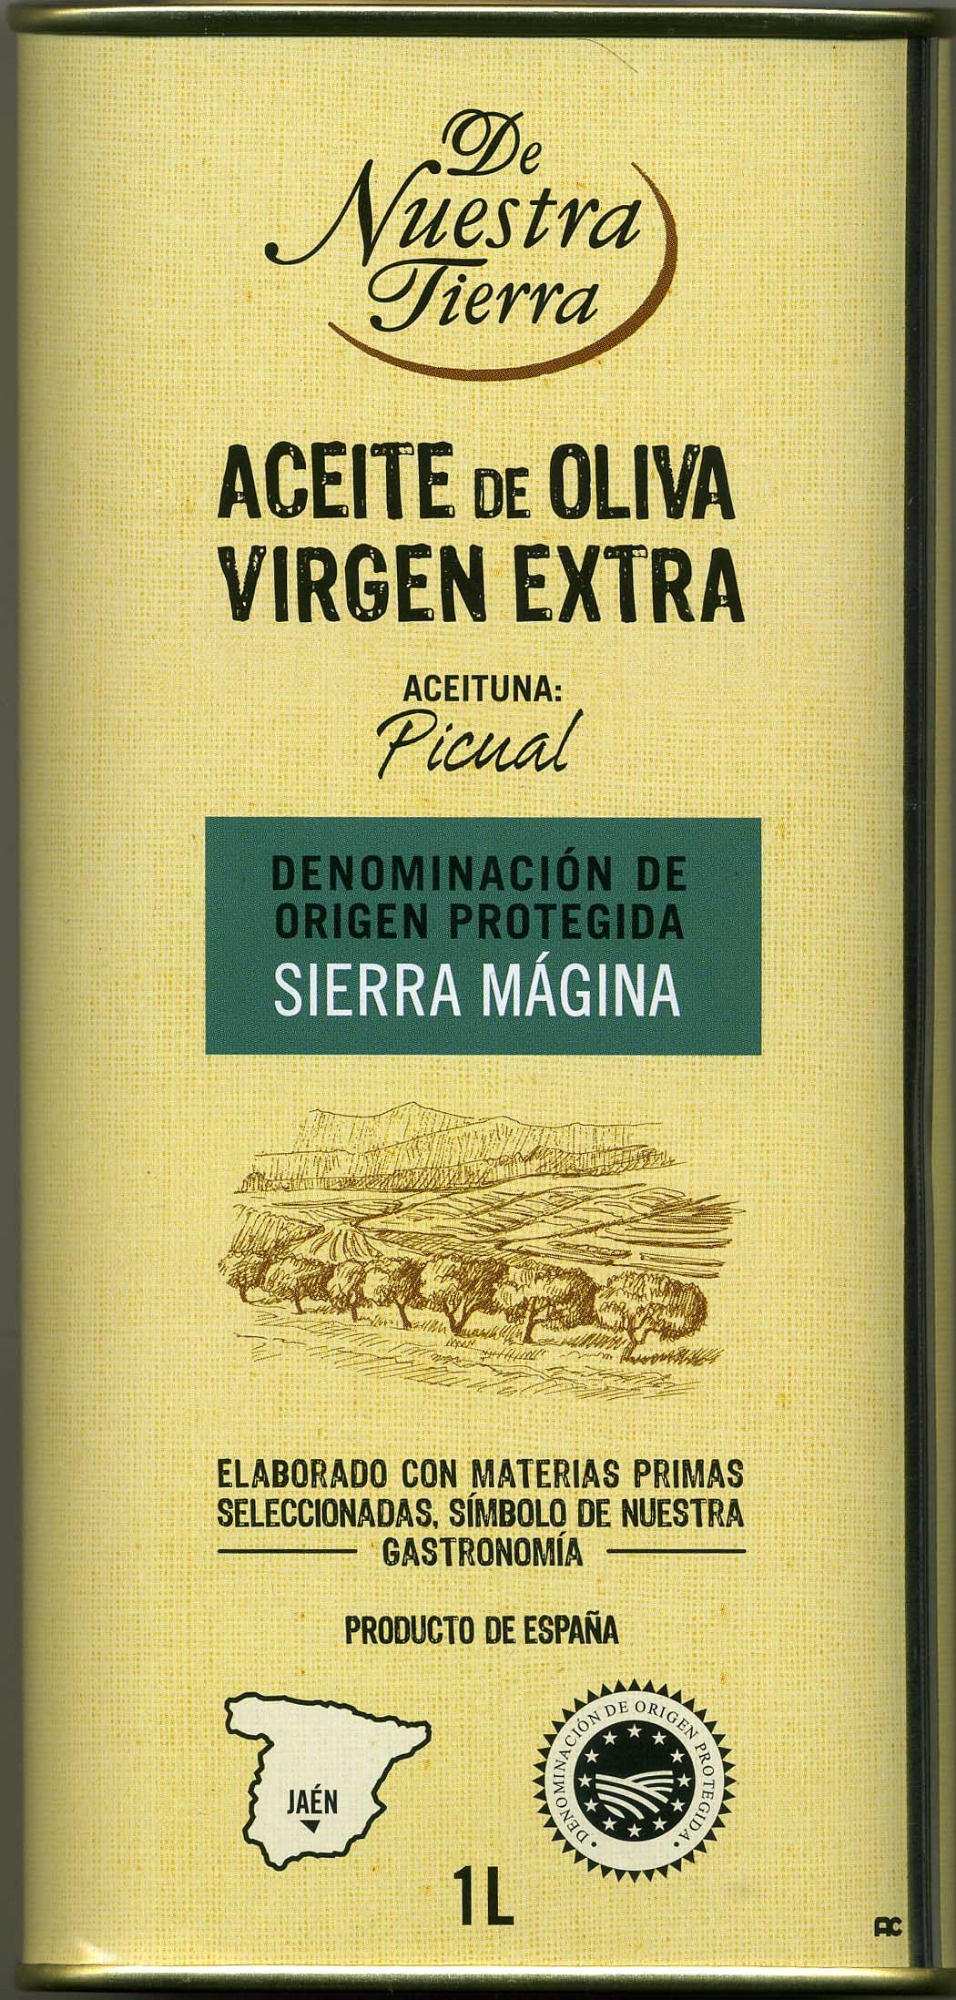 Aceite de oliva virgen extra Origen Sierra Mágina Variedad Picual - Producto